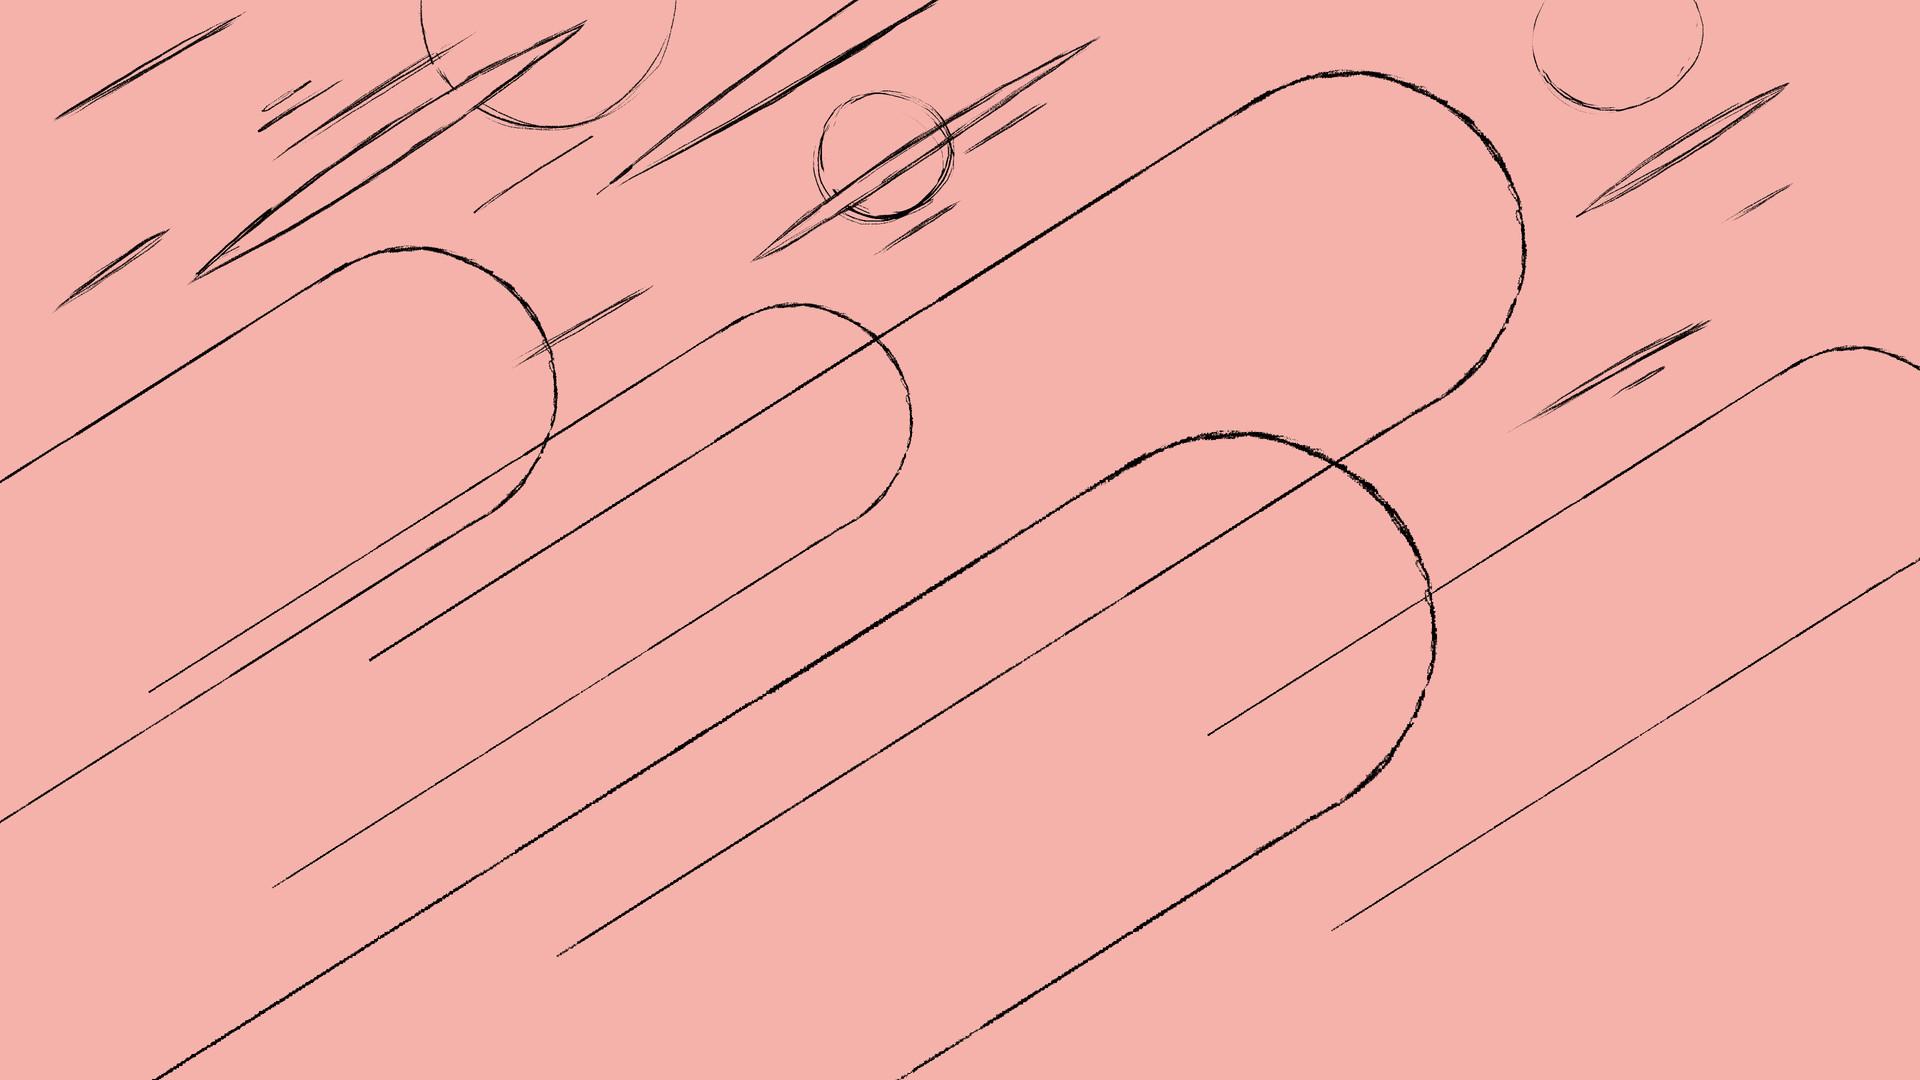 Craig mullins su fanart 06 bg sky sketch